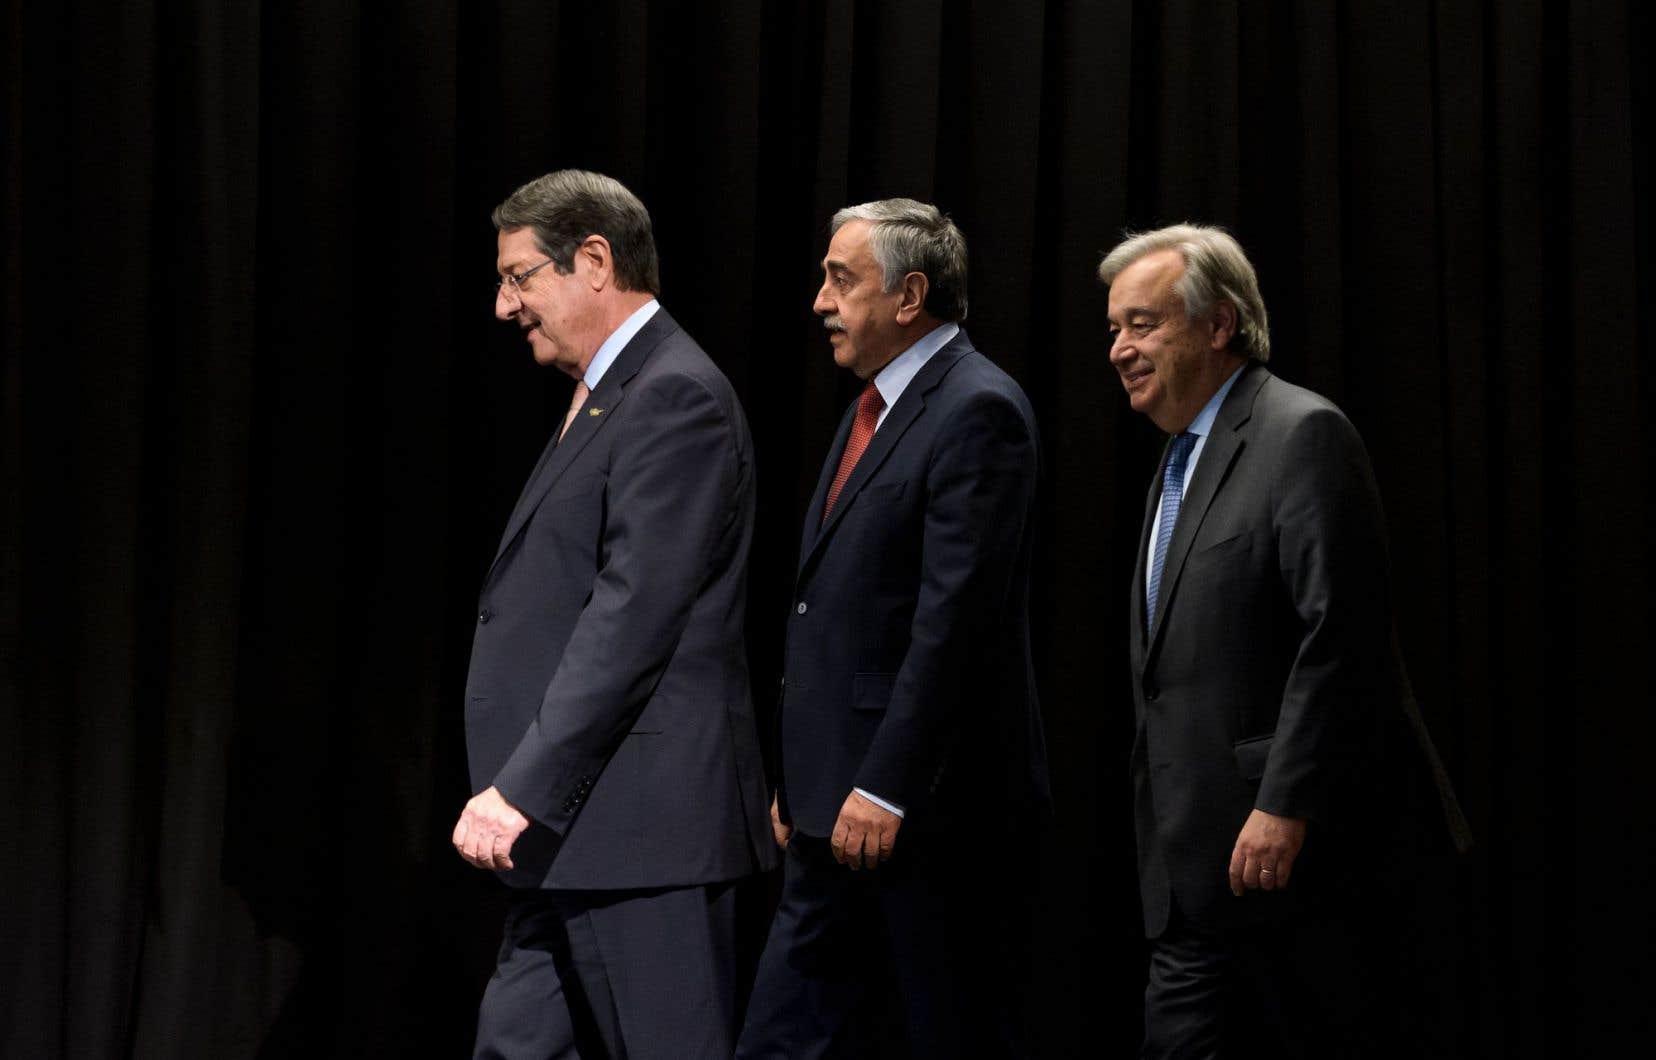 Le président chypriote Nicos Anastasiades, le dirigeant turc-chypriote Mustafa Akinci etle secrétaire général des Nations Unies, Antonio Guterres, à Crans-Montana, la semaine dernière